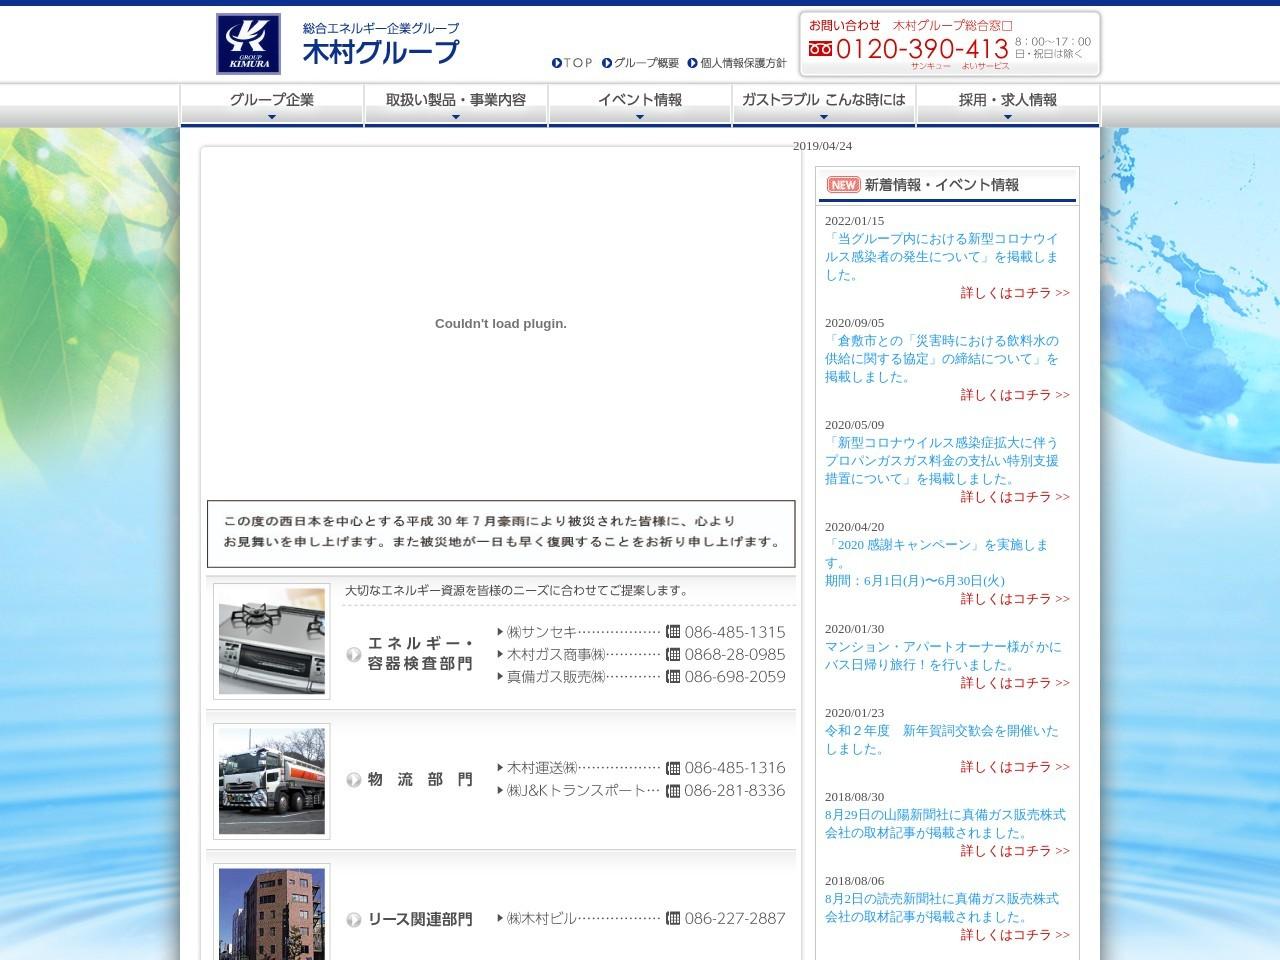 木村ガス商事株式会社